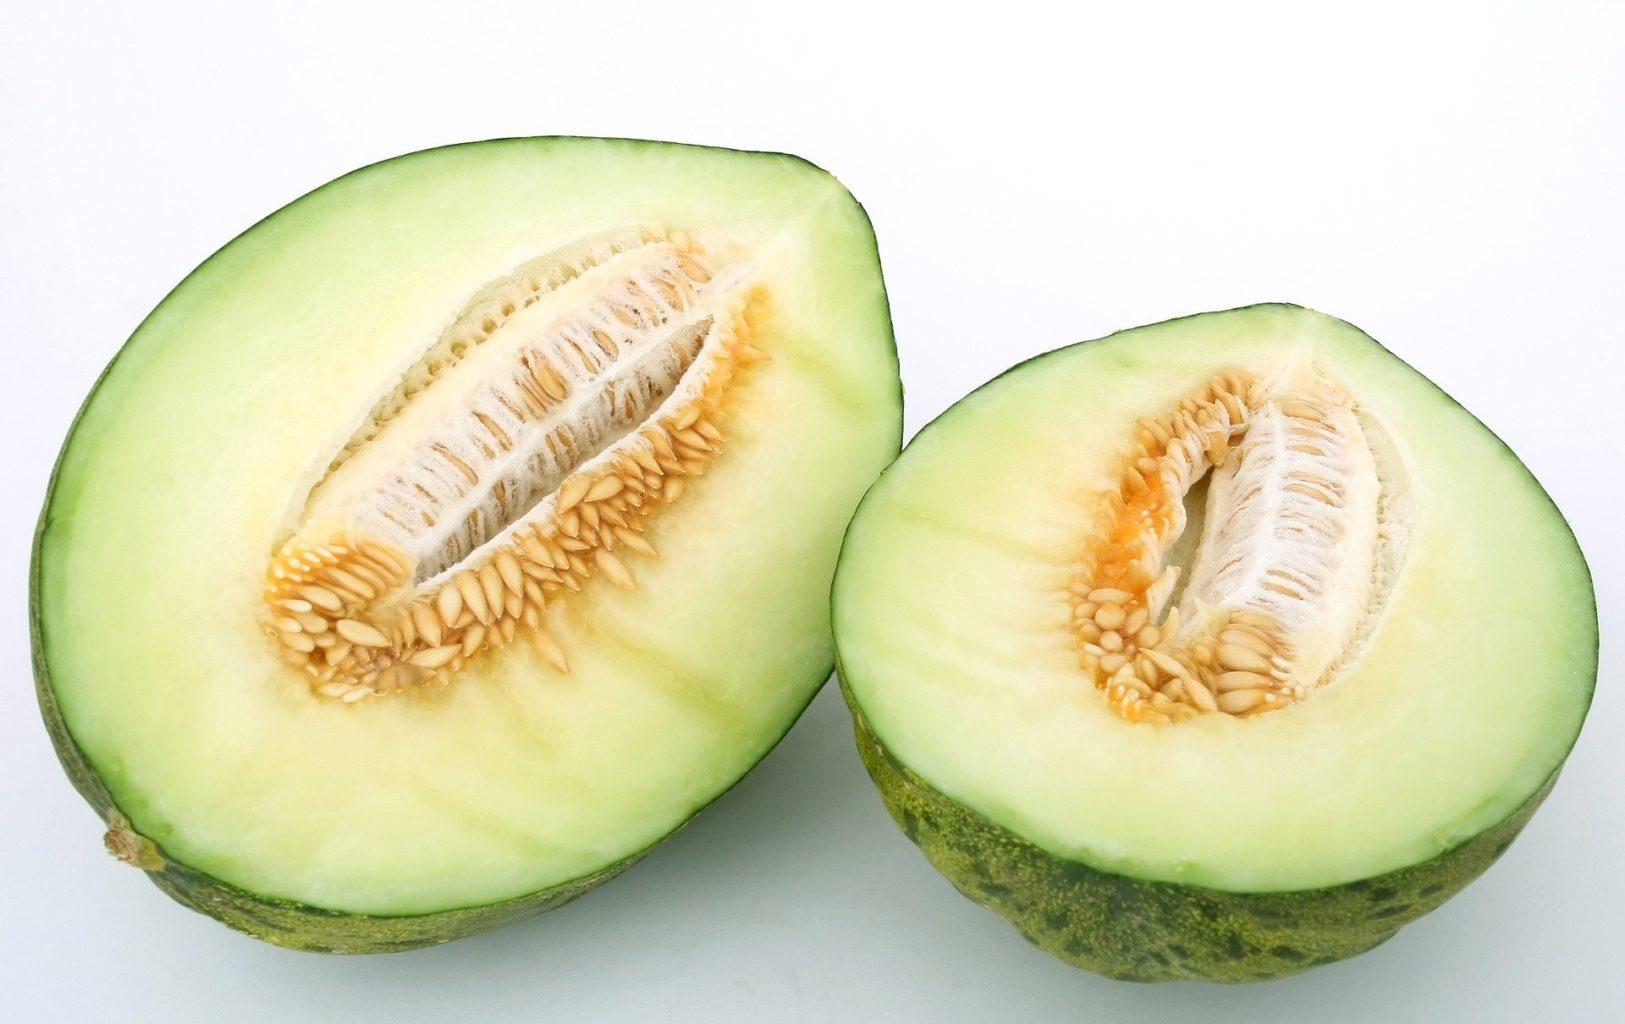 Nuevo tratamiento postcosecha sin residuos para melón: reduce las mermas, las oxidaciones y pardeamientos y evita la deshidratación con SANI-M y SANI-M L.